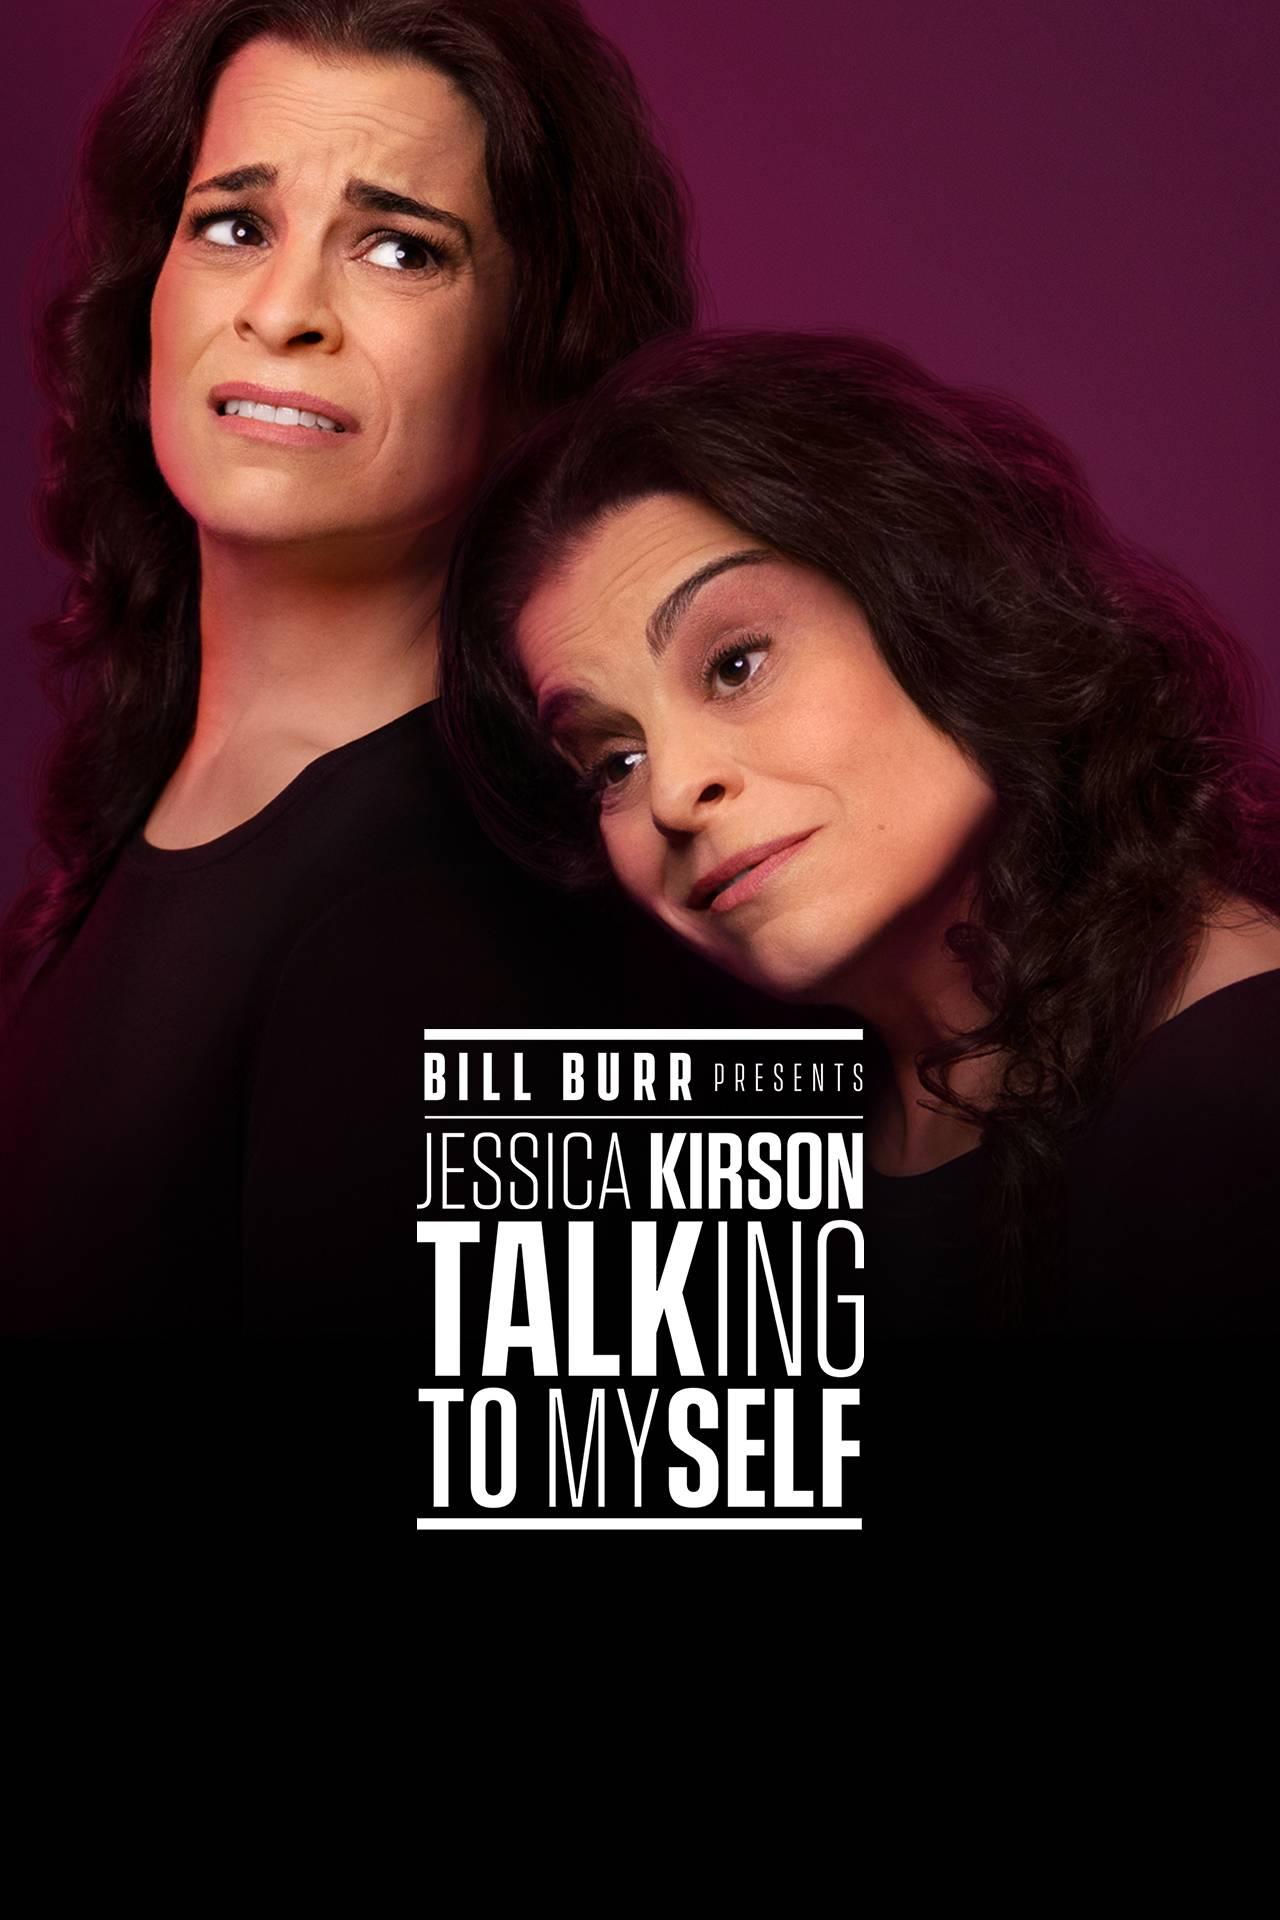 Bill Burr Presents Jessica Kirson: Talking to Myself ...